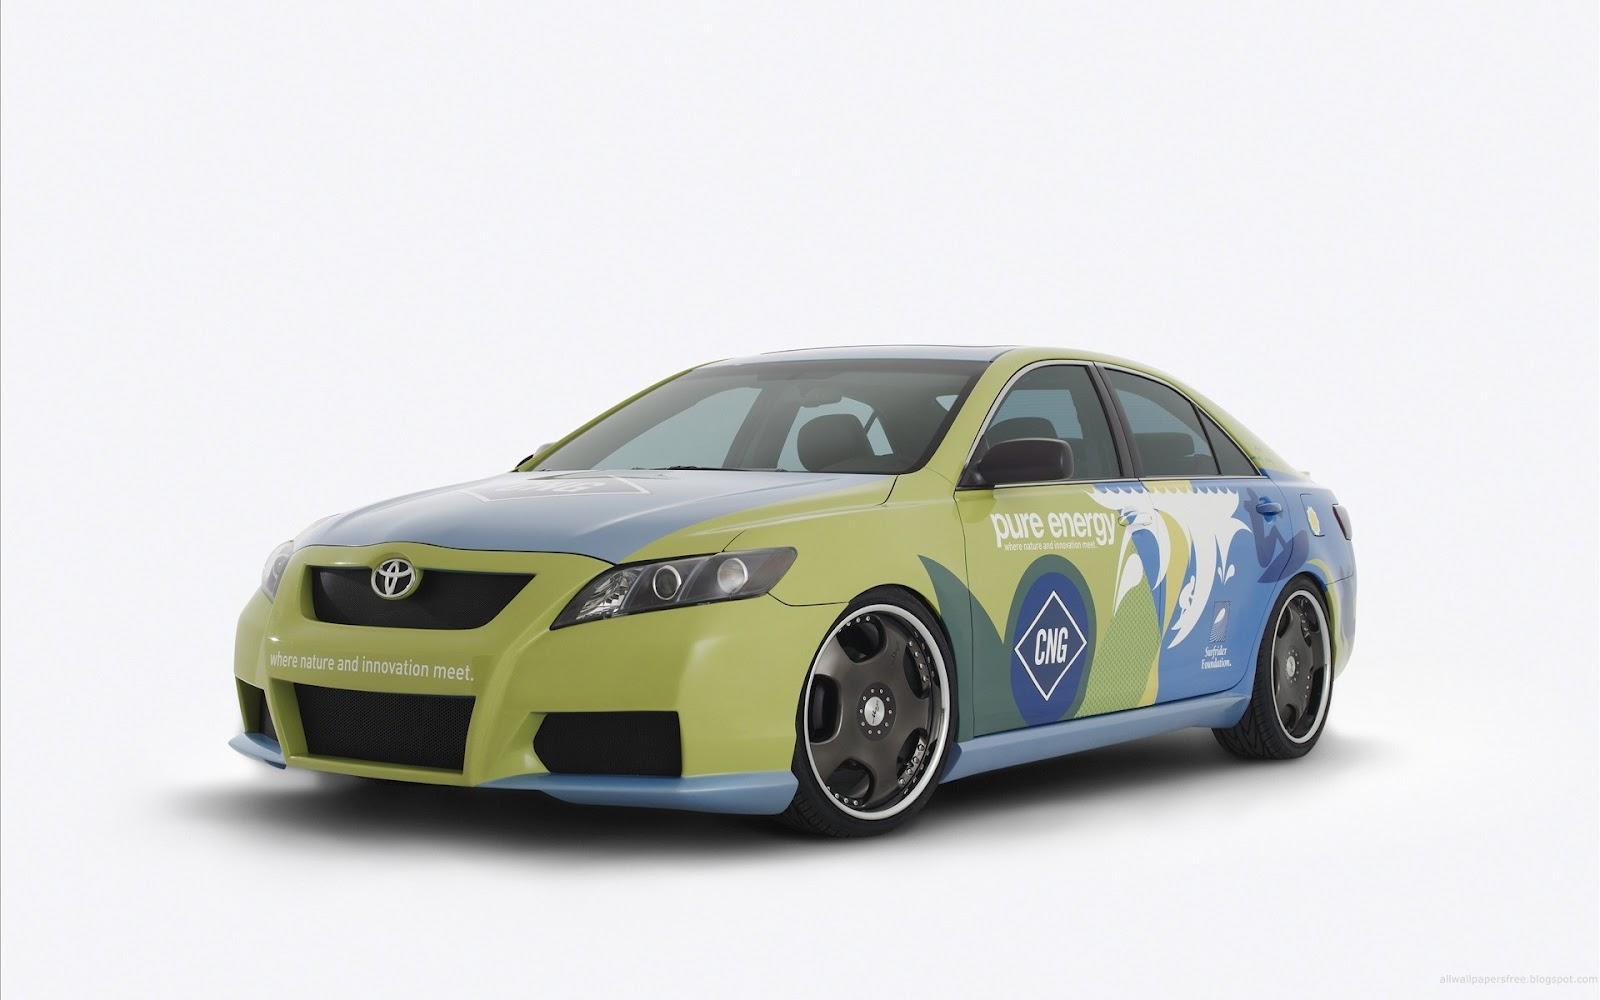 http://2.bp.blogspot.com/-UYYpf5qMZ-8/T1hbN7tRjpI/AAAAAAAAAEg/7w-jQqxsj40/s1600/40+Cars+Wallpapers+%25282%2529.jpg